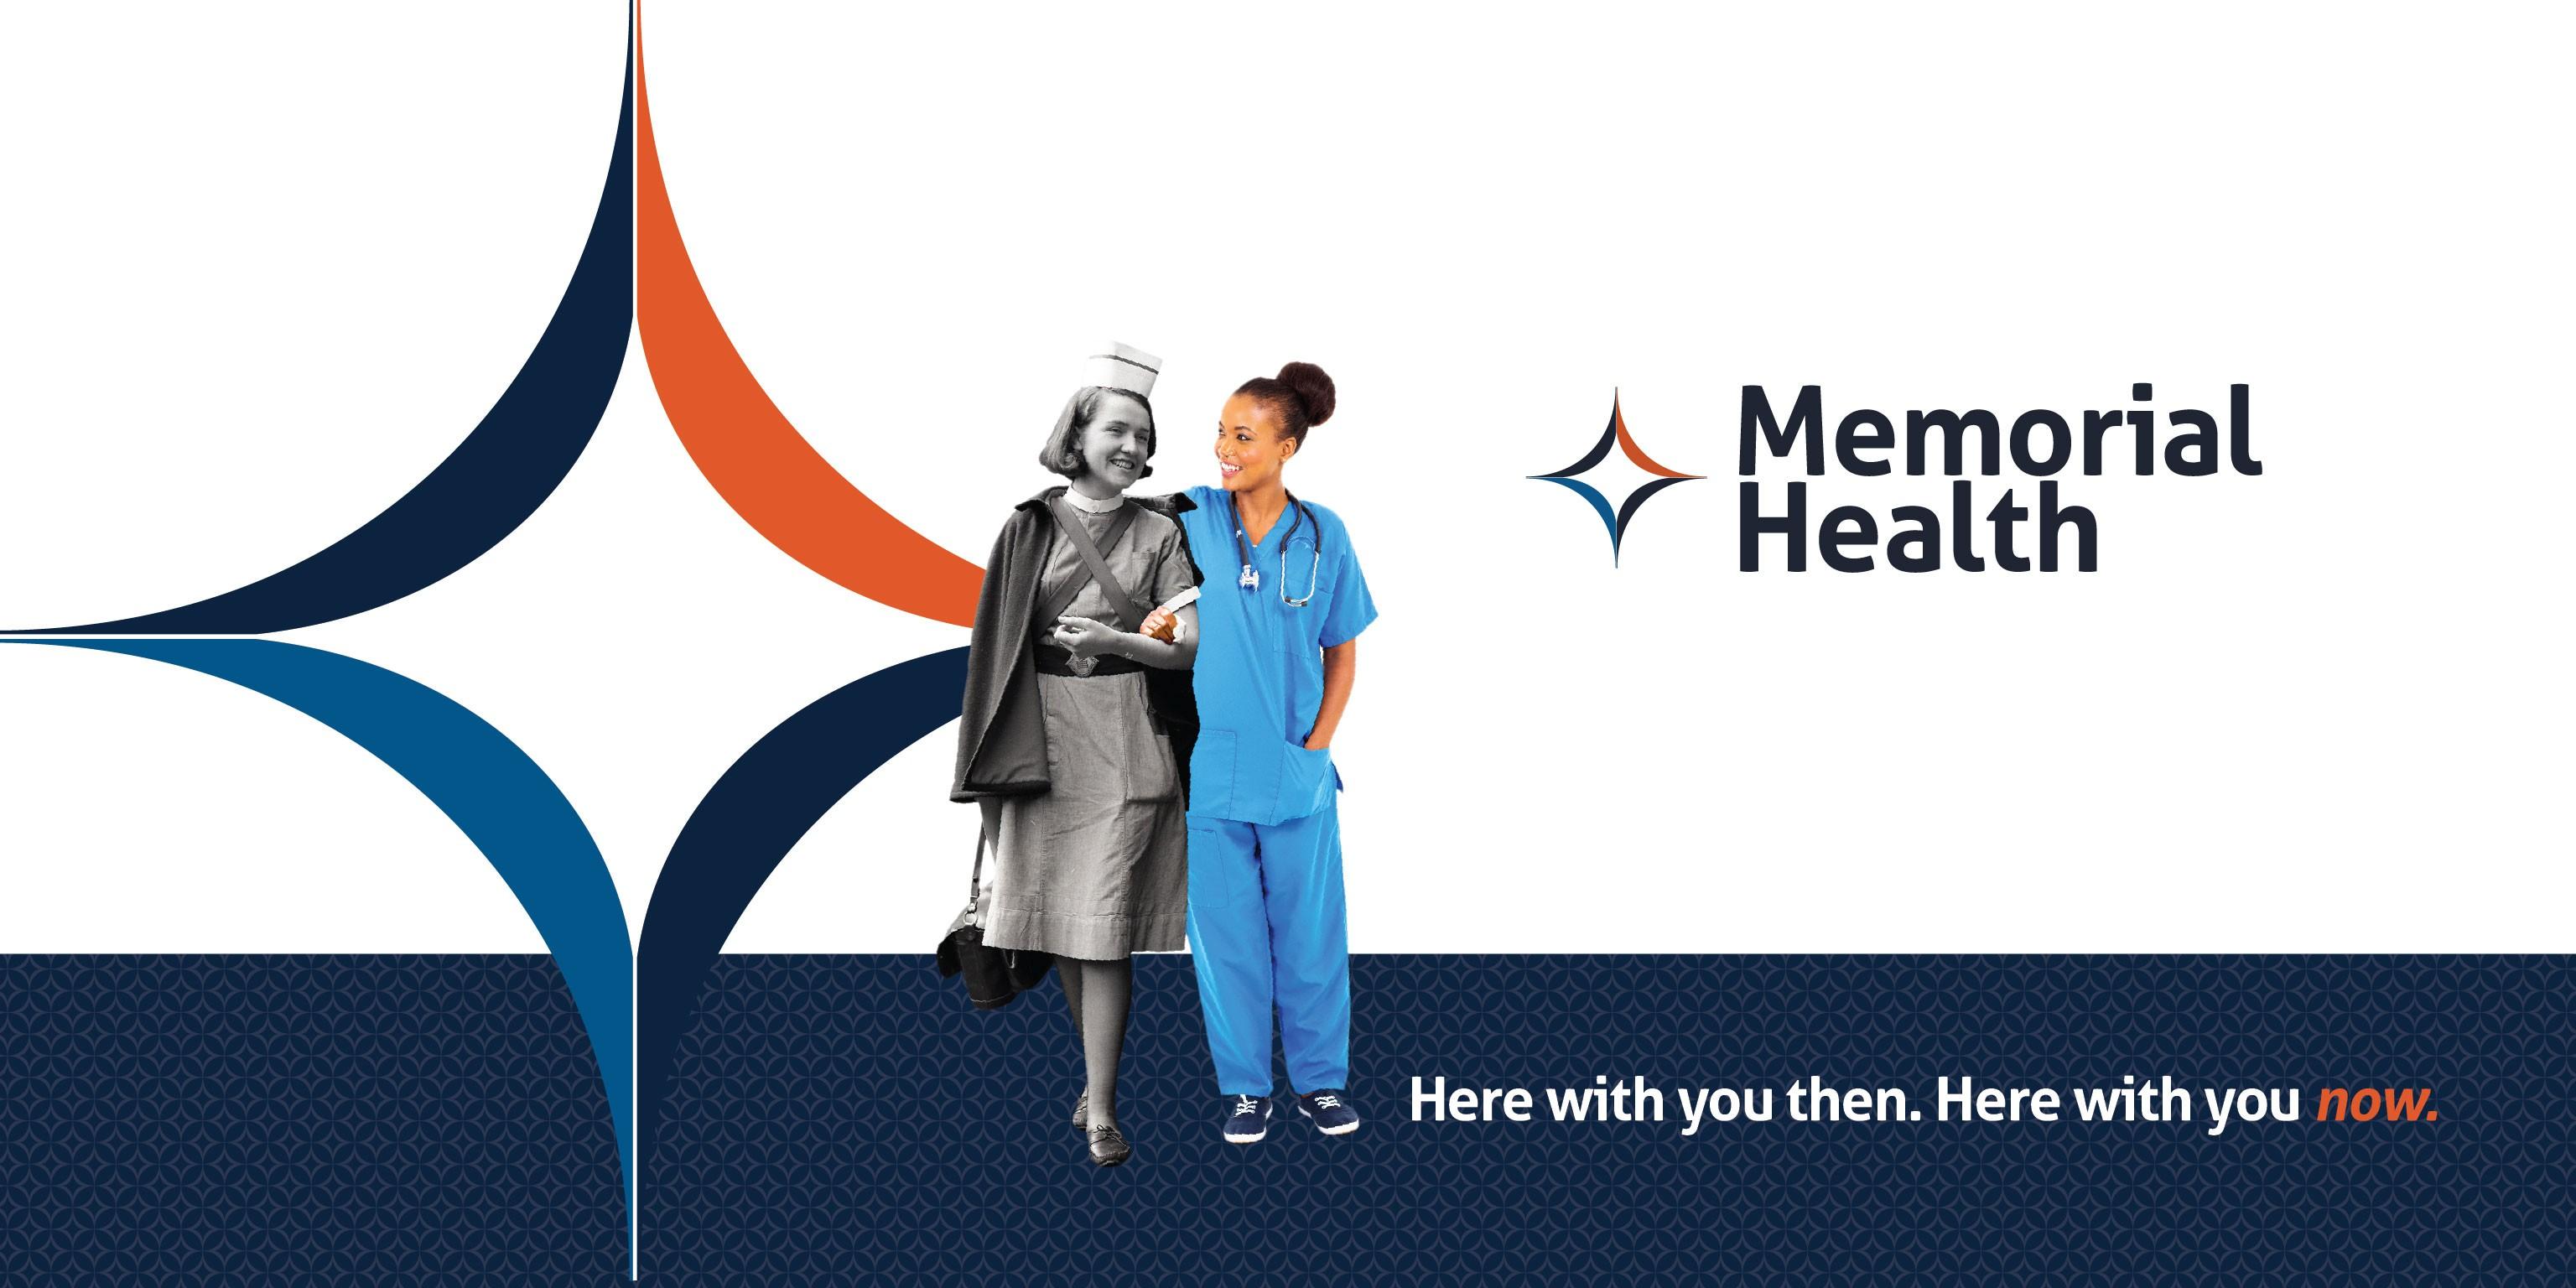 Memorial Health | LinkedIn